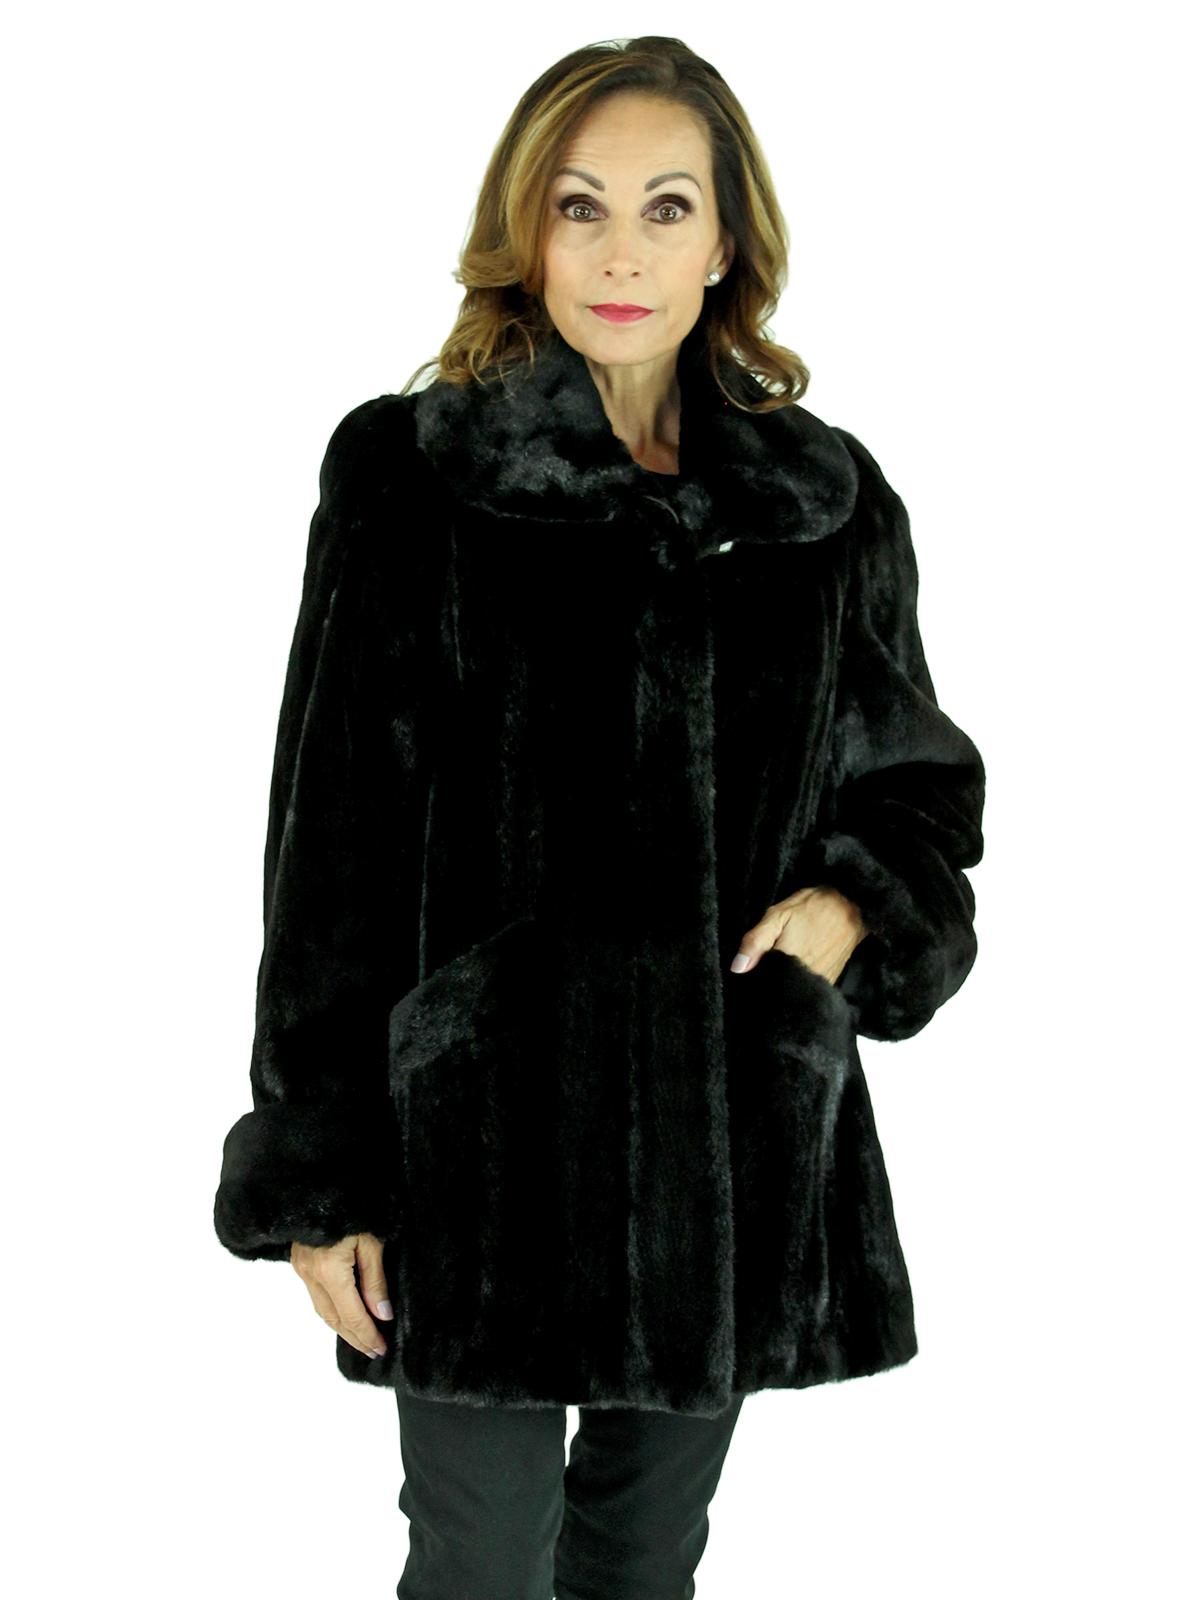 Woman's Black Semi-Sheared Mink Fur Jacket